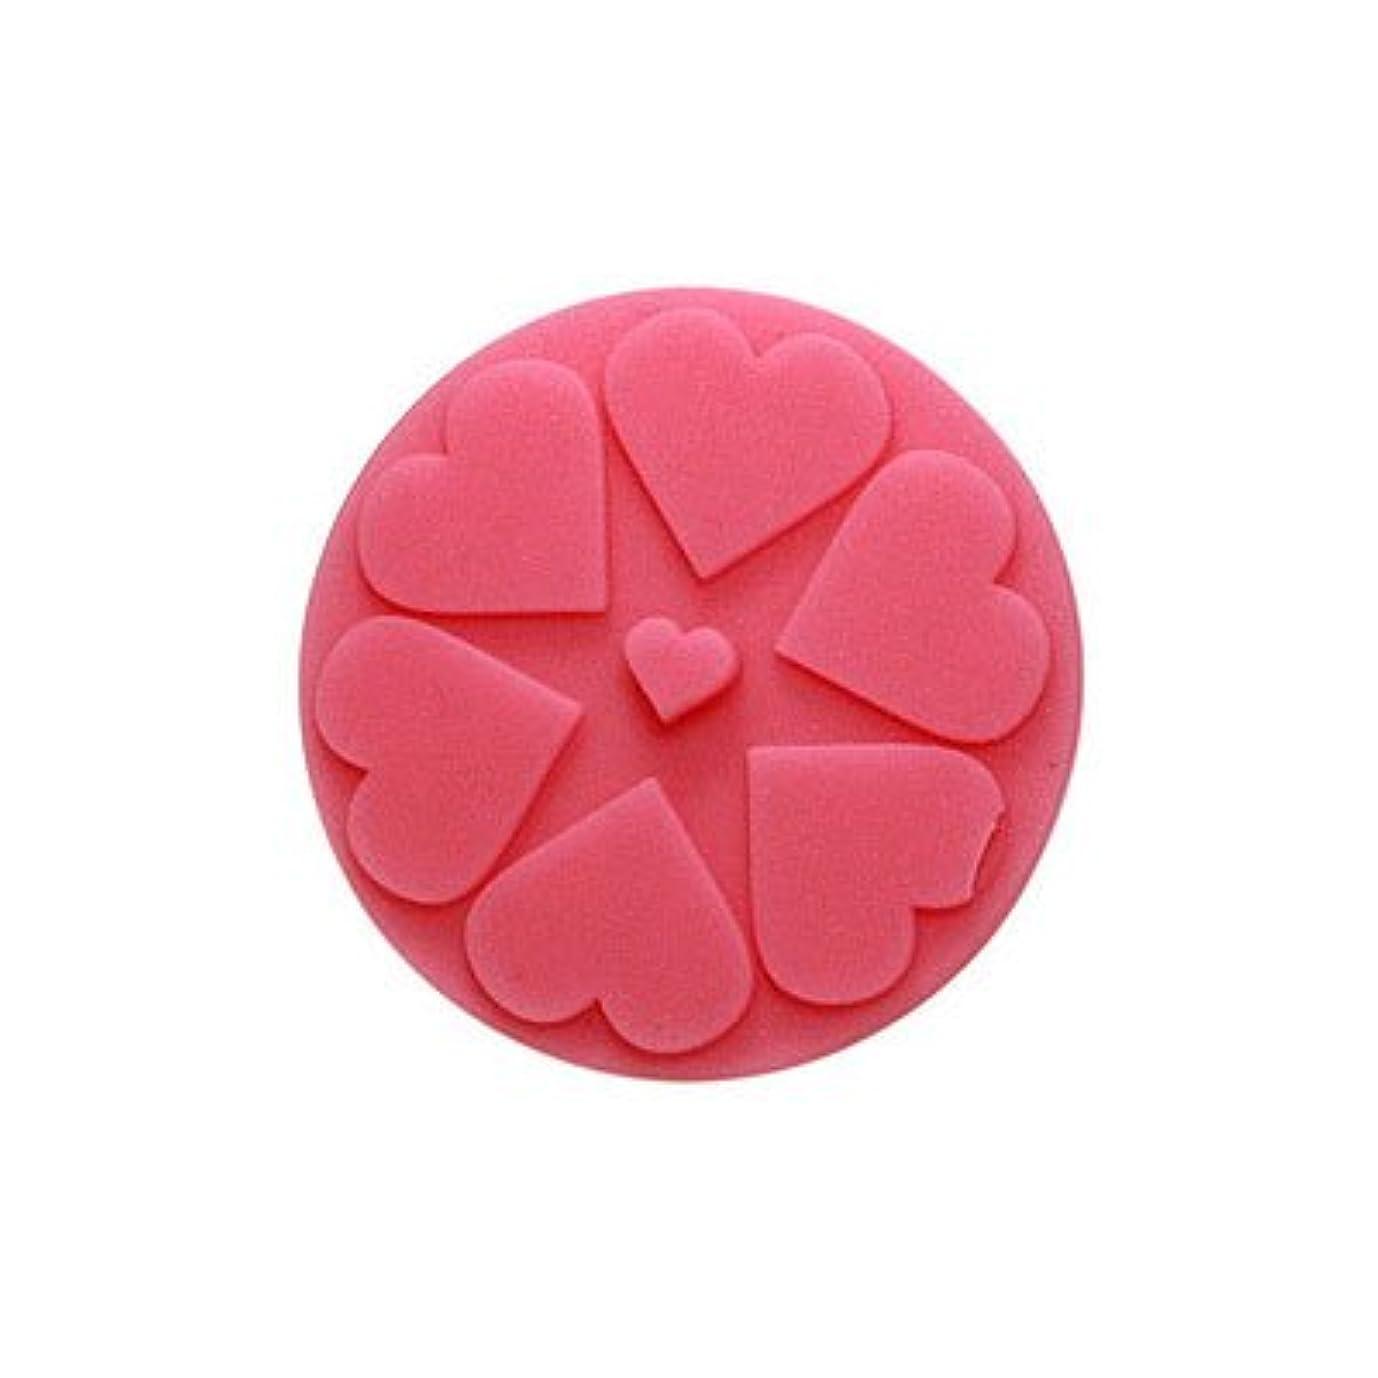 適合する扱うによるとフォーダイヤモンズ シリコン ステアライザー パッド ピンク